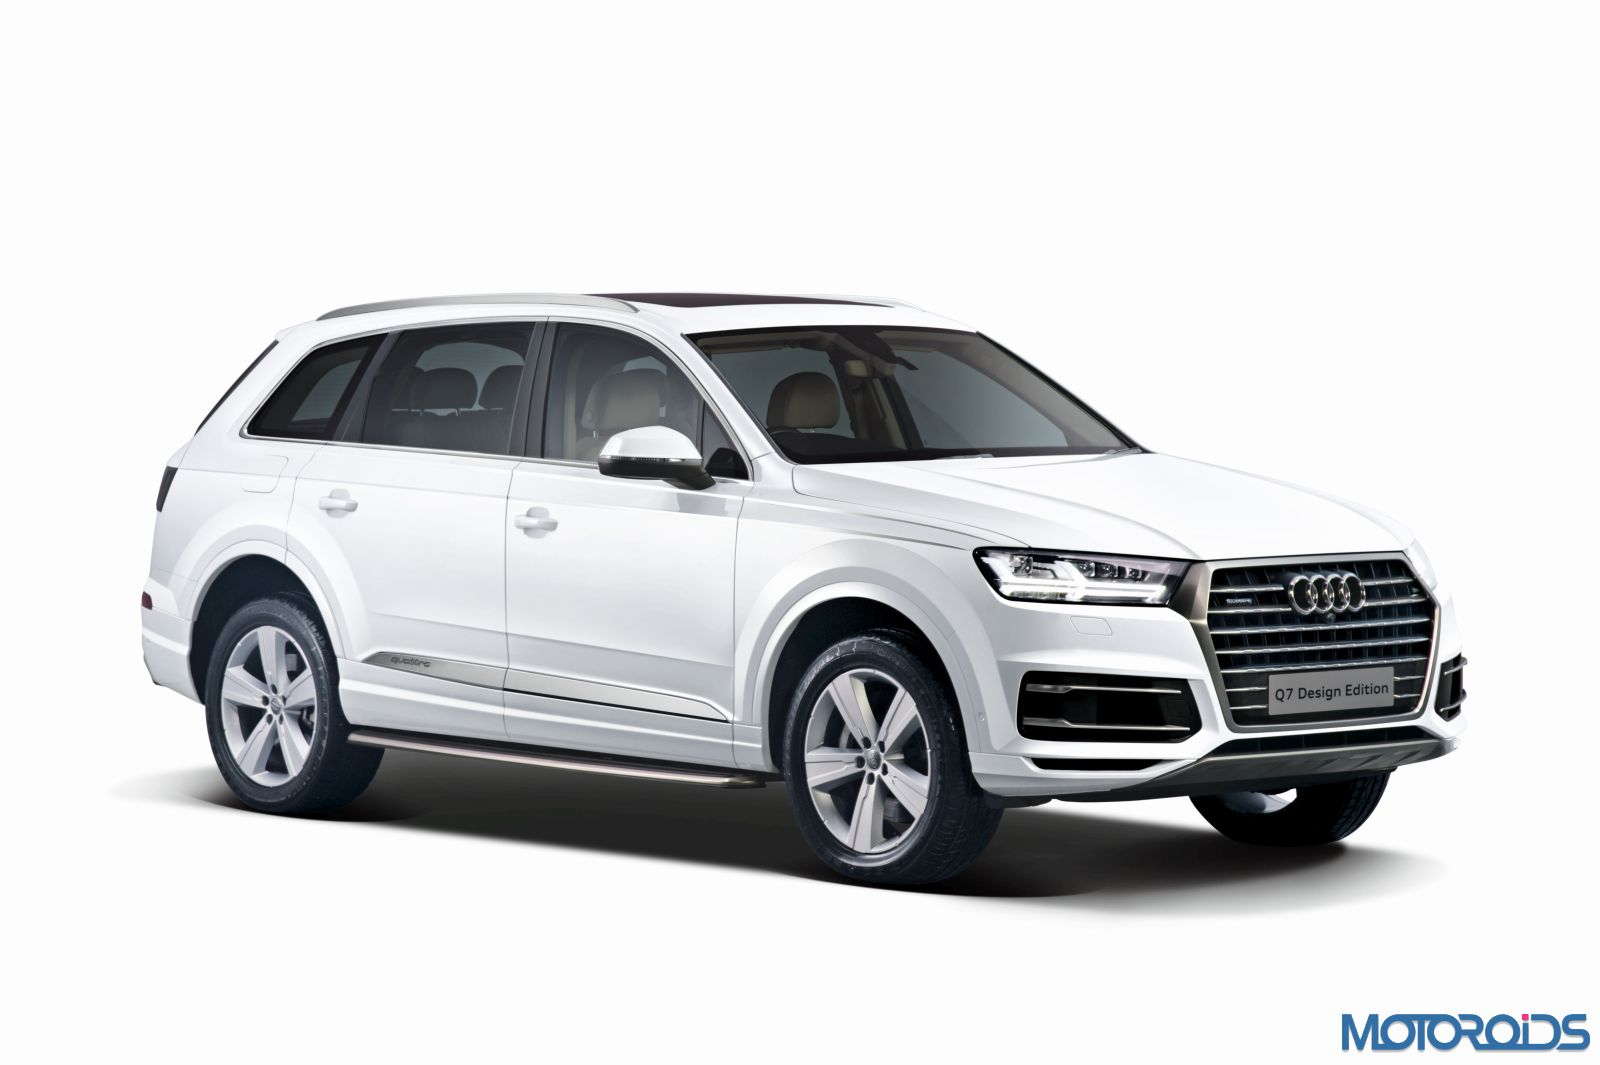 Audi-Q7-Design-Edition-2